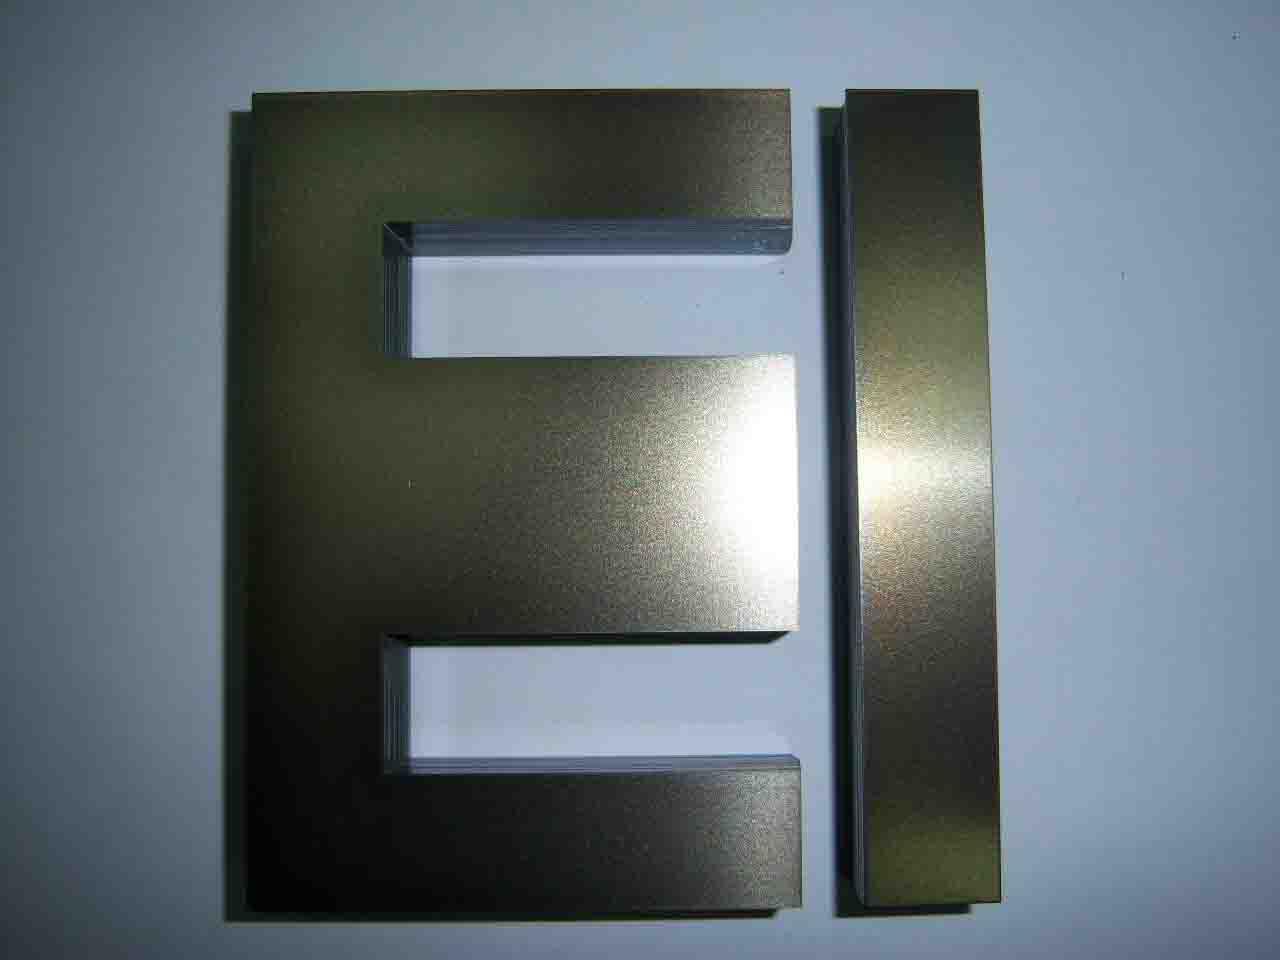 Металлическая буква Е